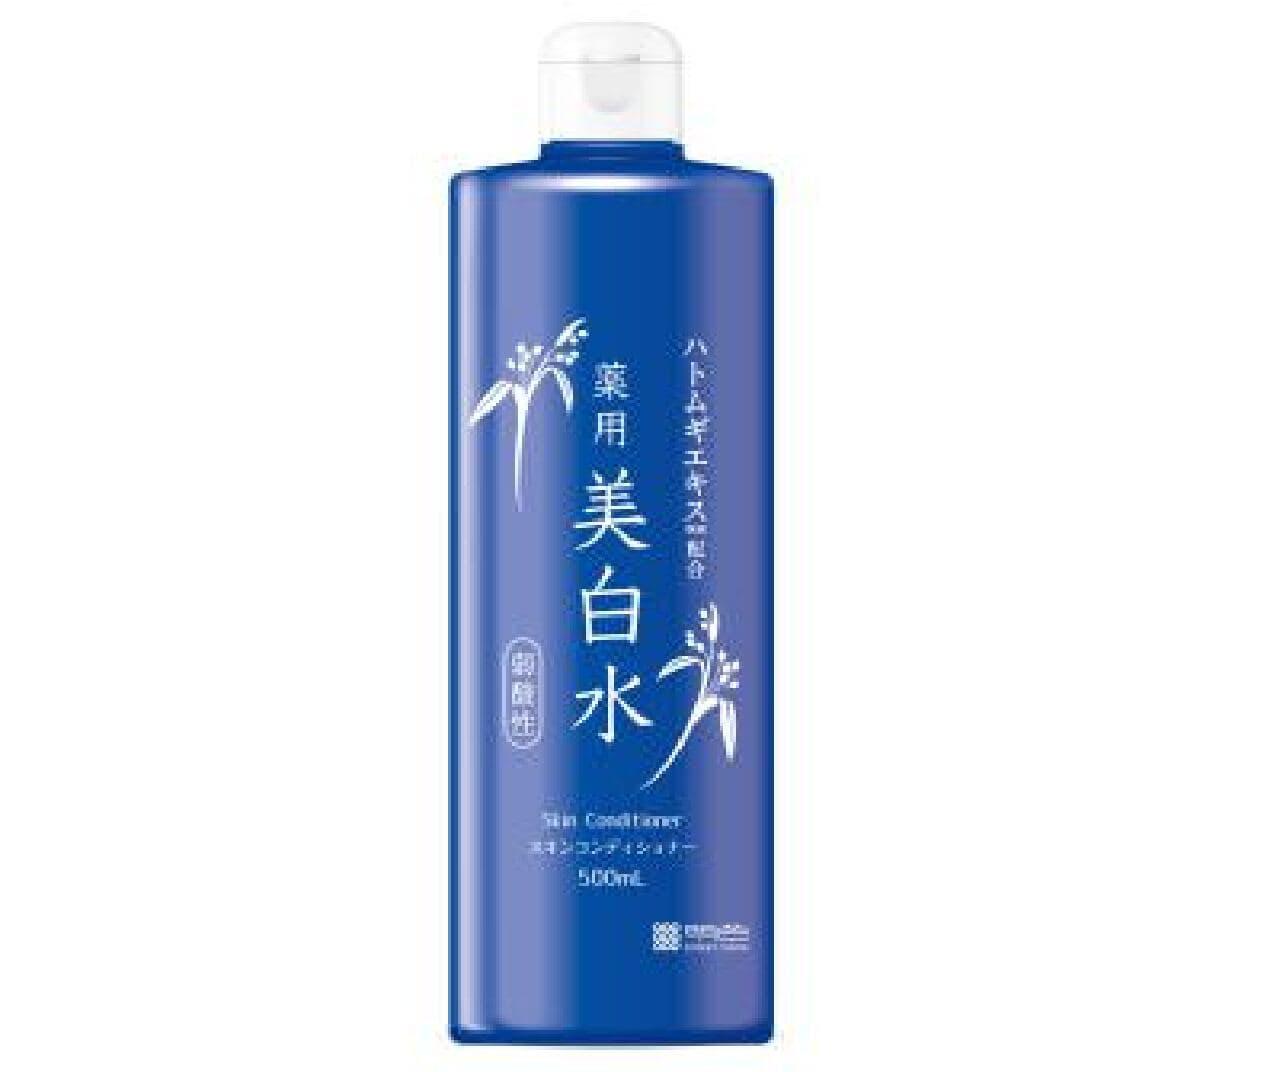 明色化粧品「雪澄(ゆきすみ) 薬用美白水」